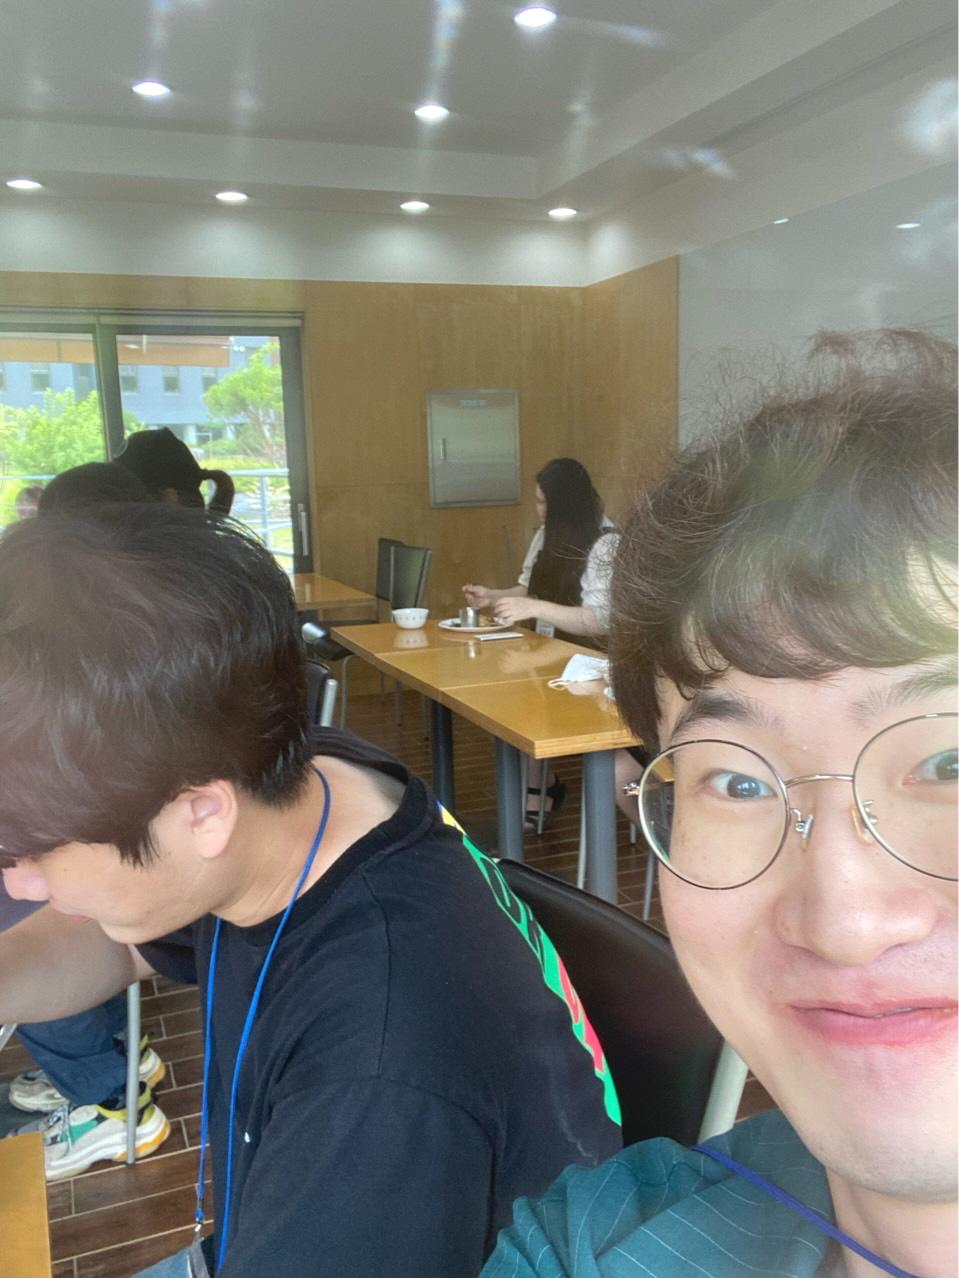 [꾸미기]홍천연기캠프_내이야기#통일-전체 사진-33561334024.jpg